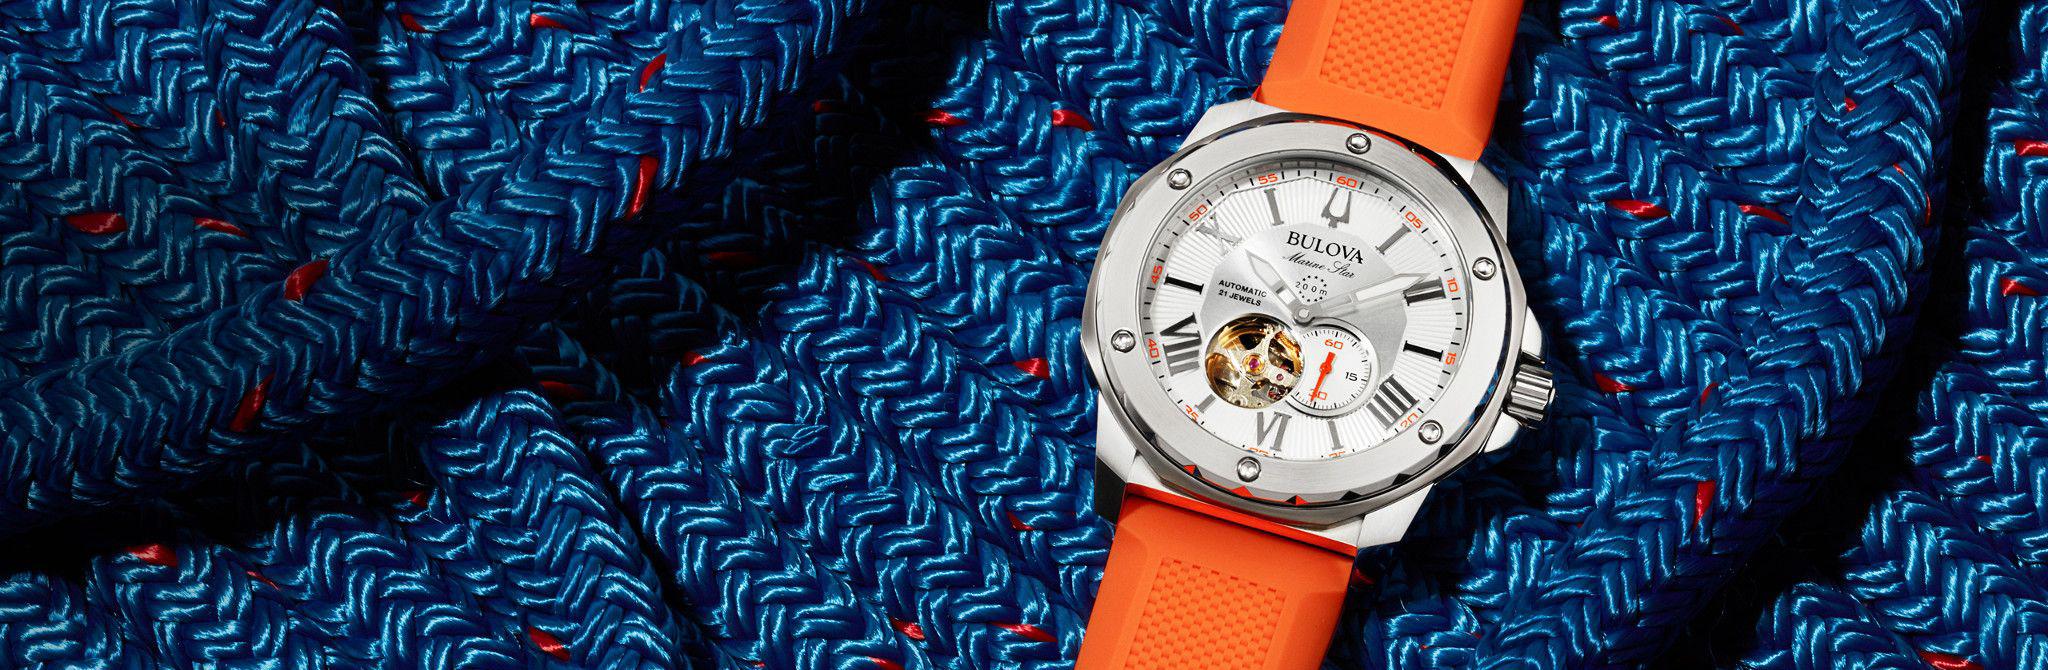 bộ sưu tập đồng hồ Bulova chính hãng đa dạng nhất tại Tân Tân